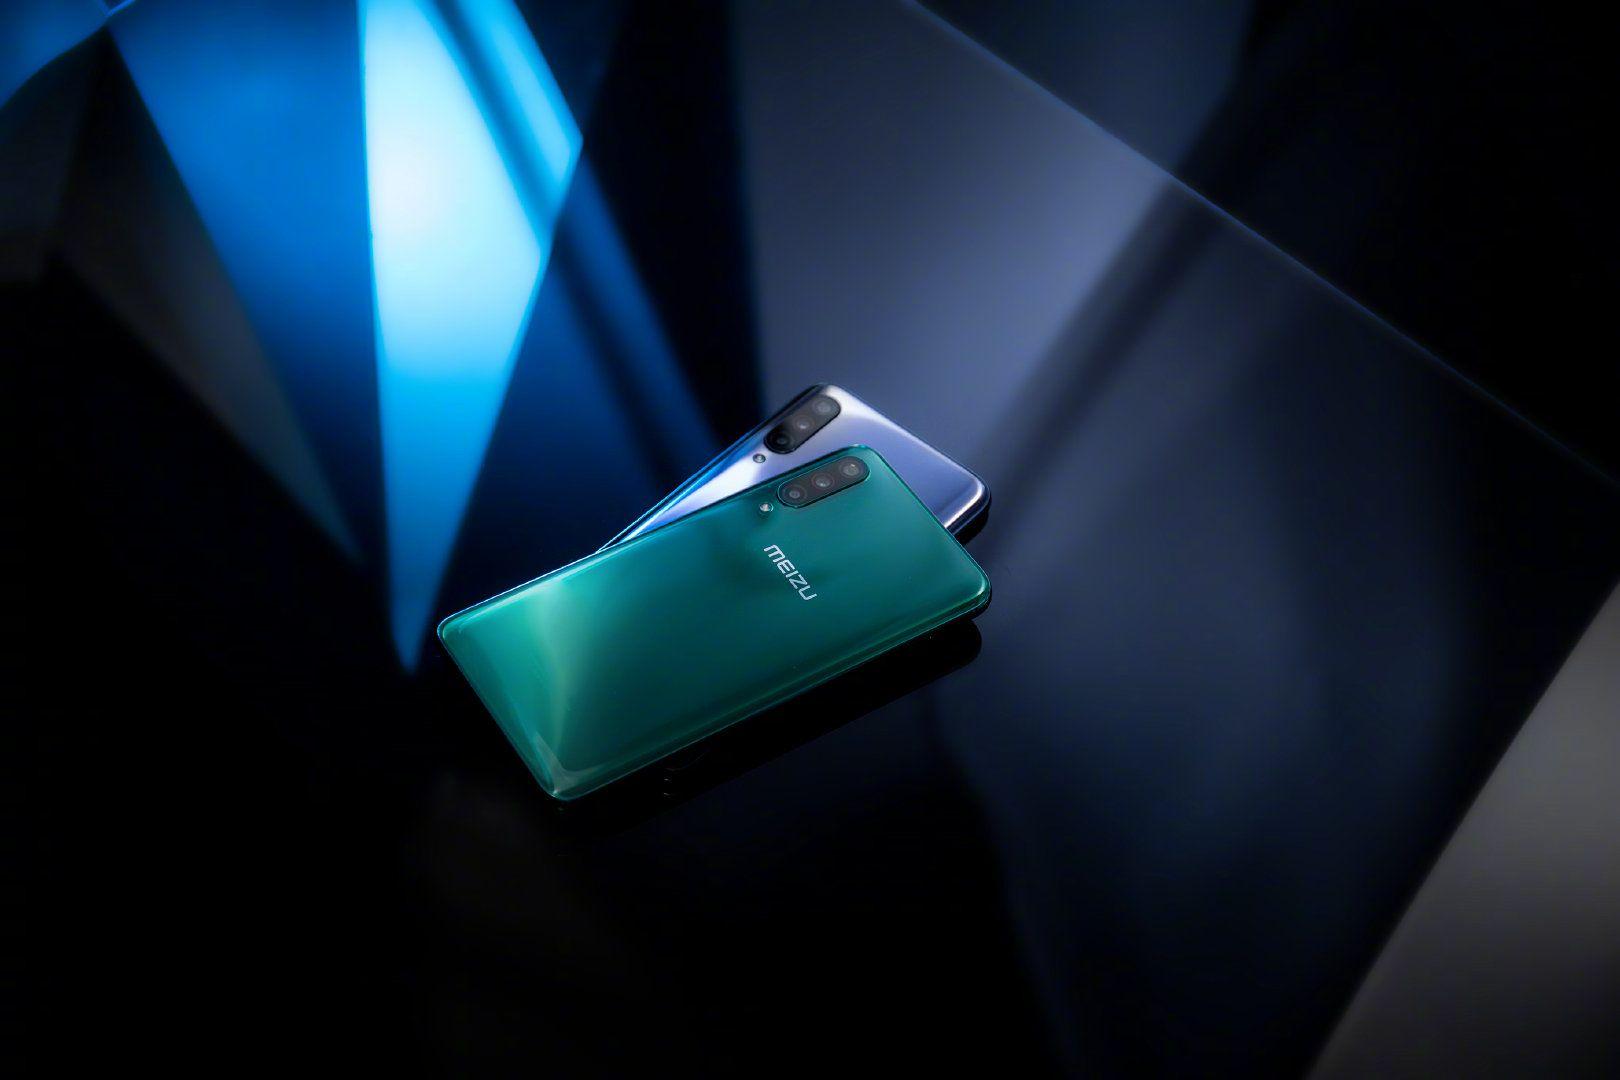 未発表型番M091QがMIITの認証を通過、5G通信対応製品のMeizu 17 Proとして発表予定